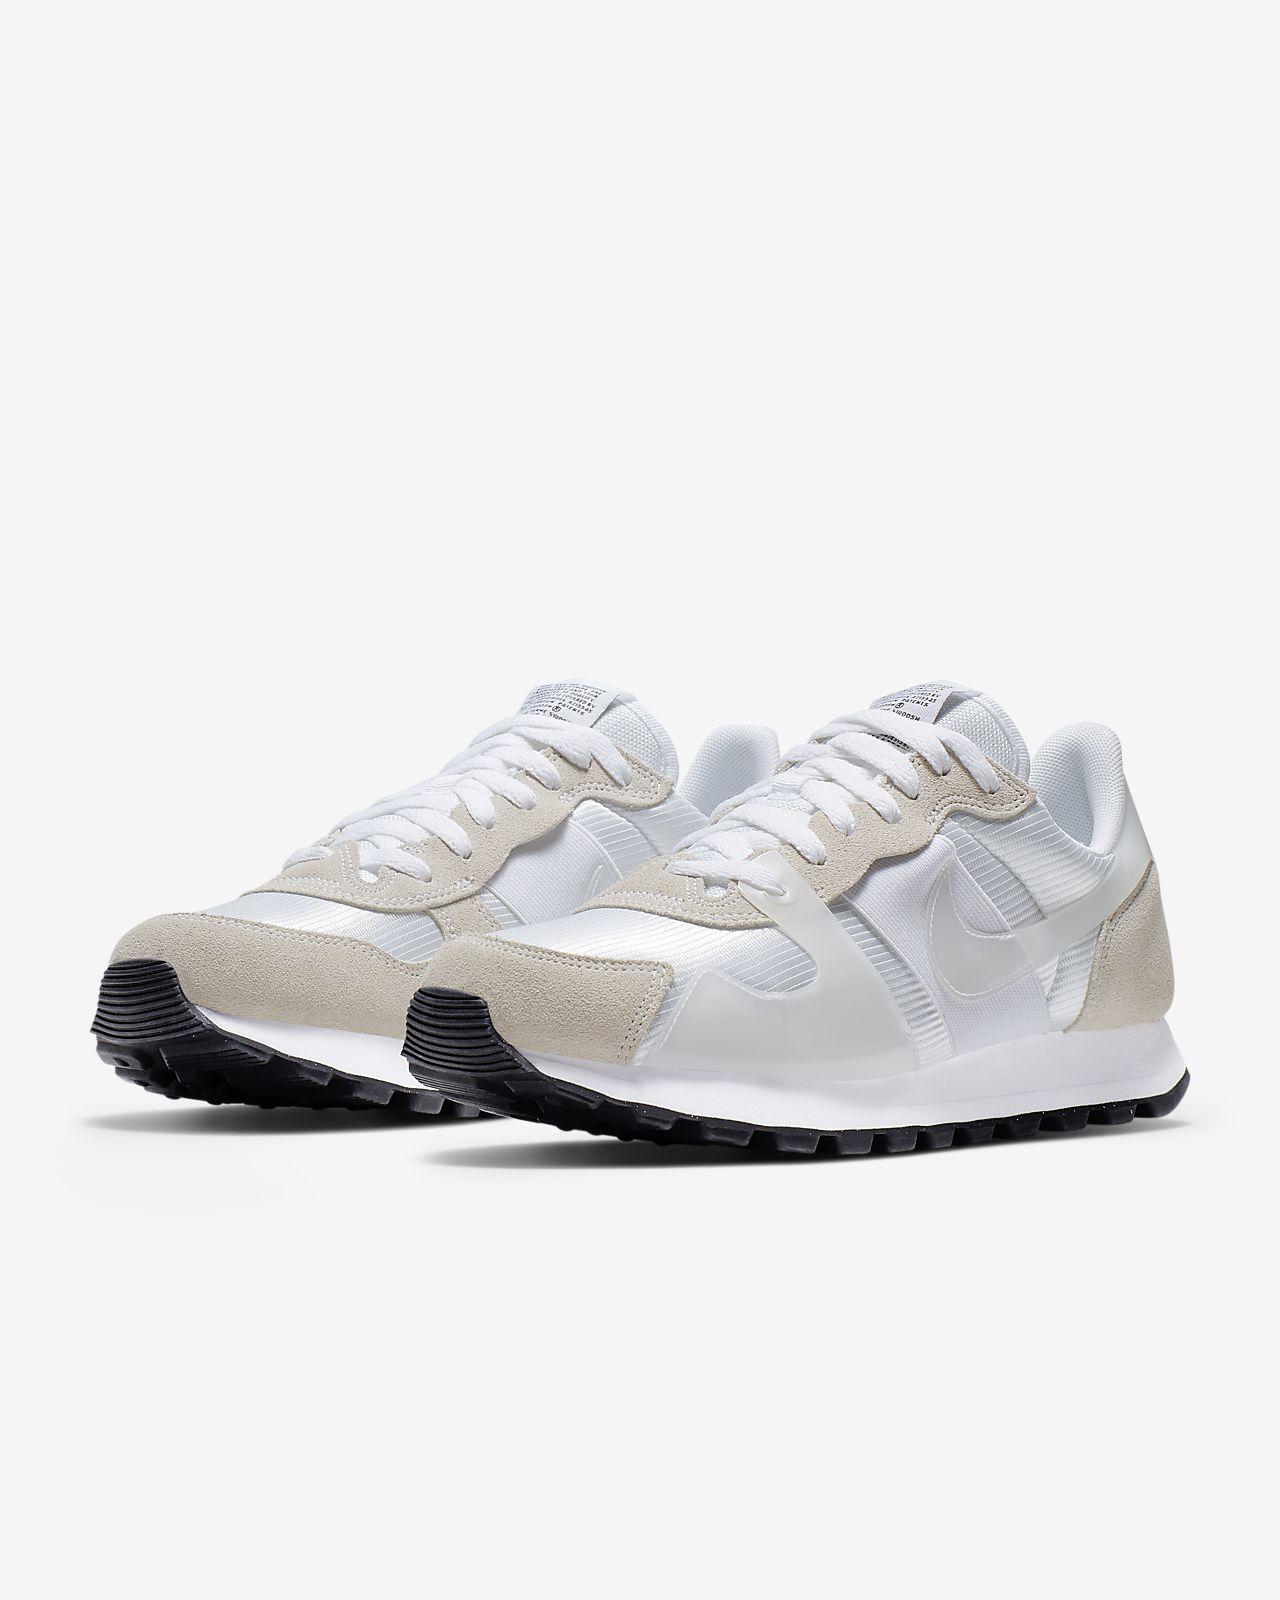 x Love Scarpa V O Nike PnwO80k